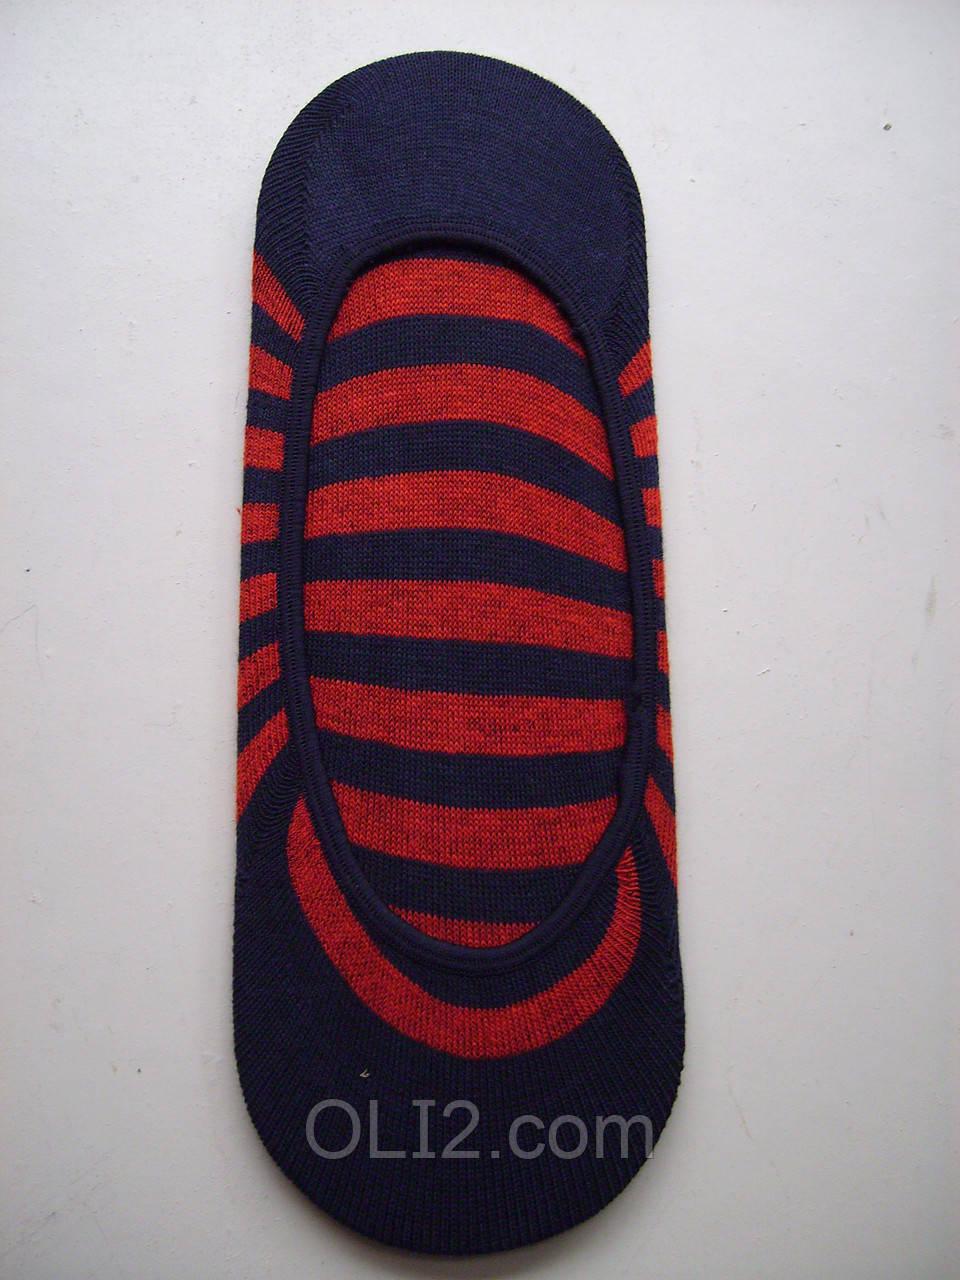 Следки женские в полоску, красно синего цвета